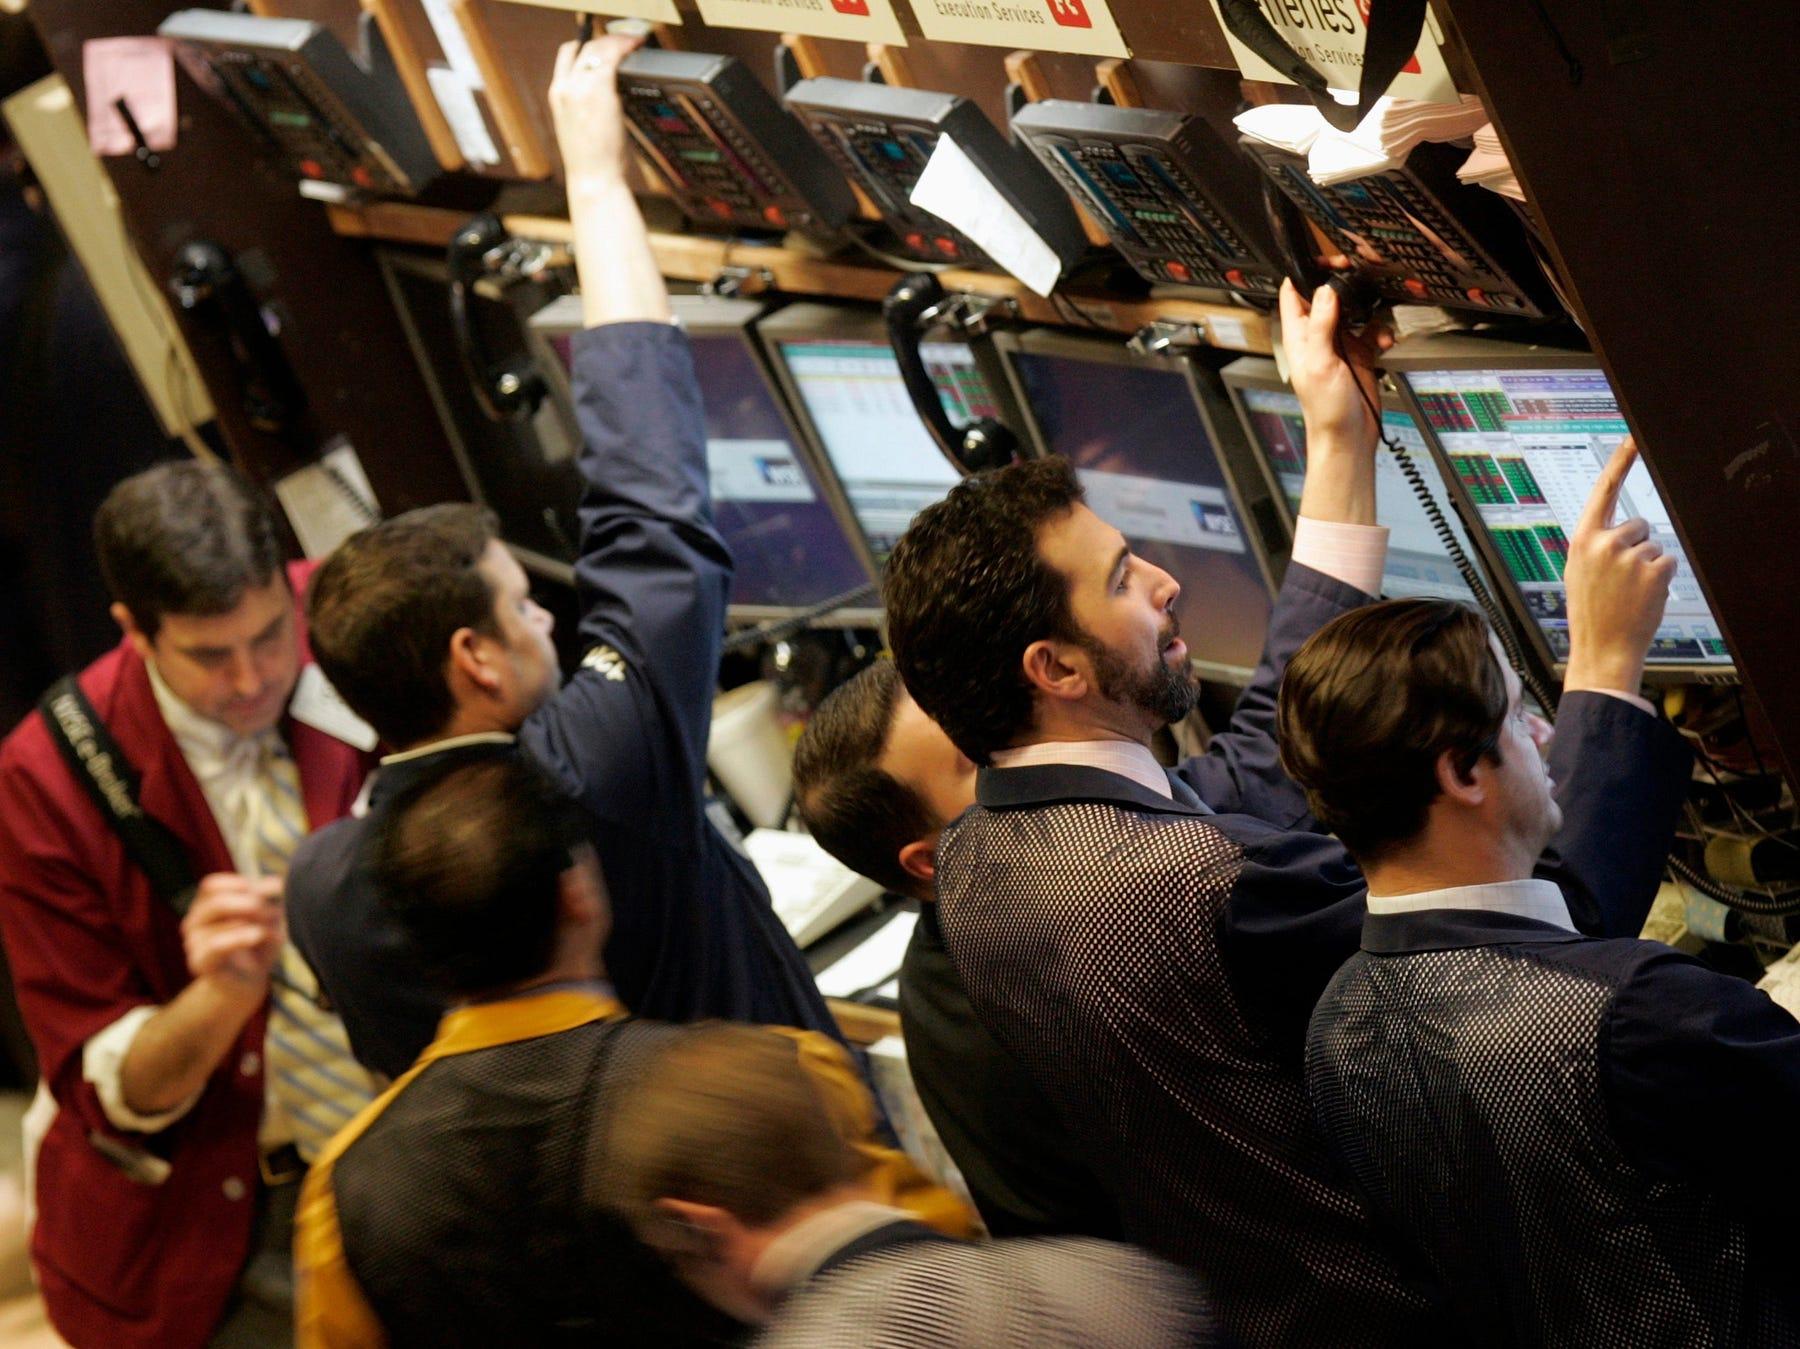 如果拜登重新加入国际贸易协定,欧亚股市表现将优于美股